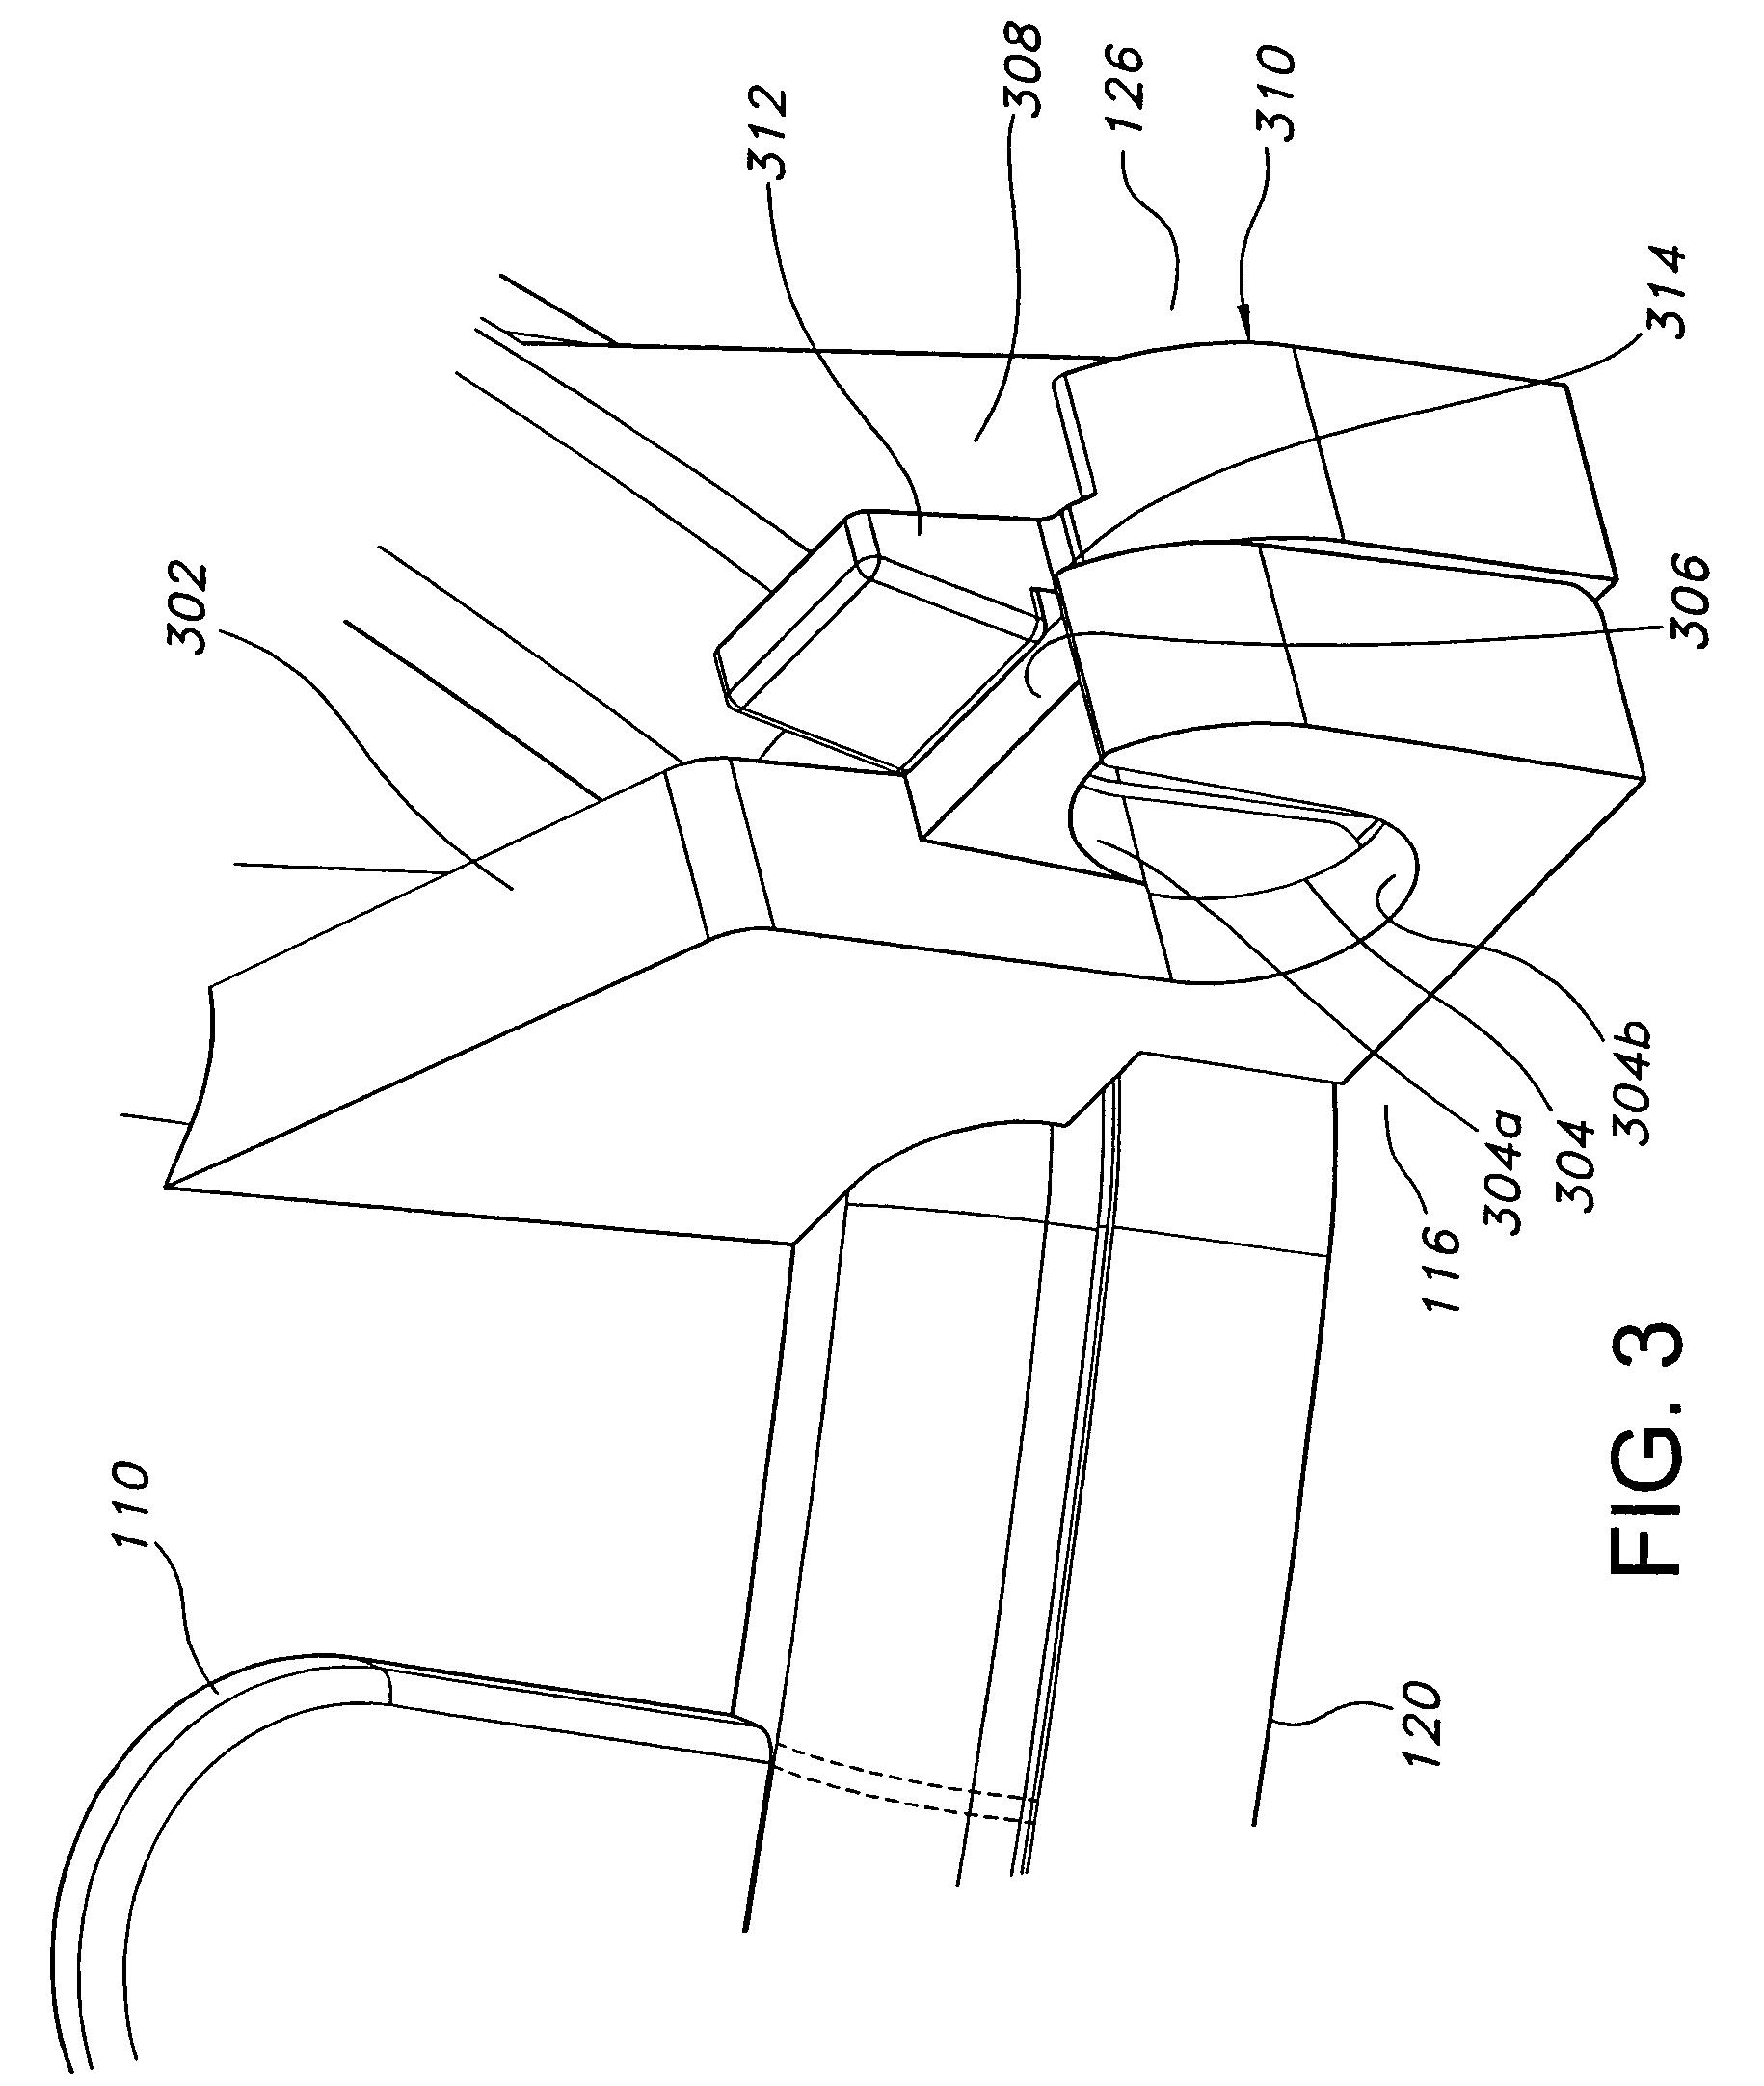 patent us7235740